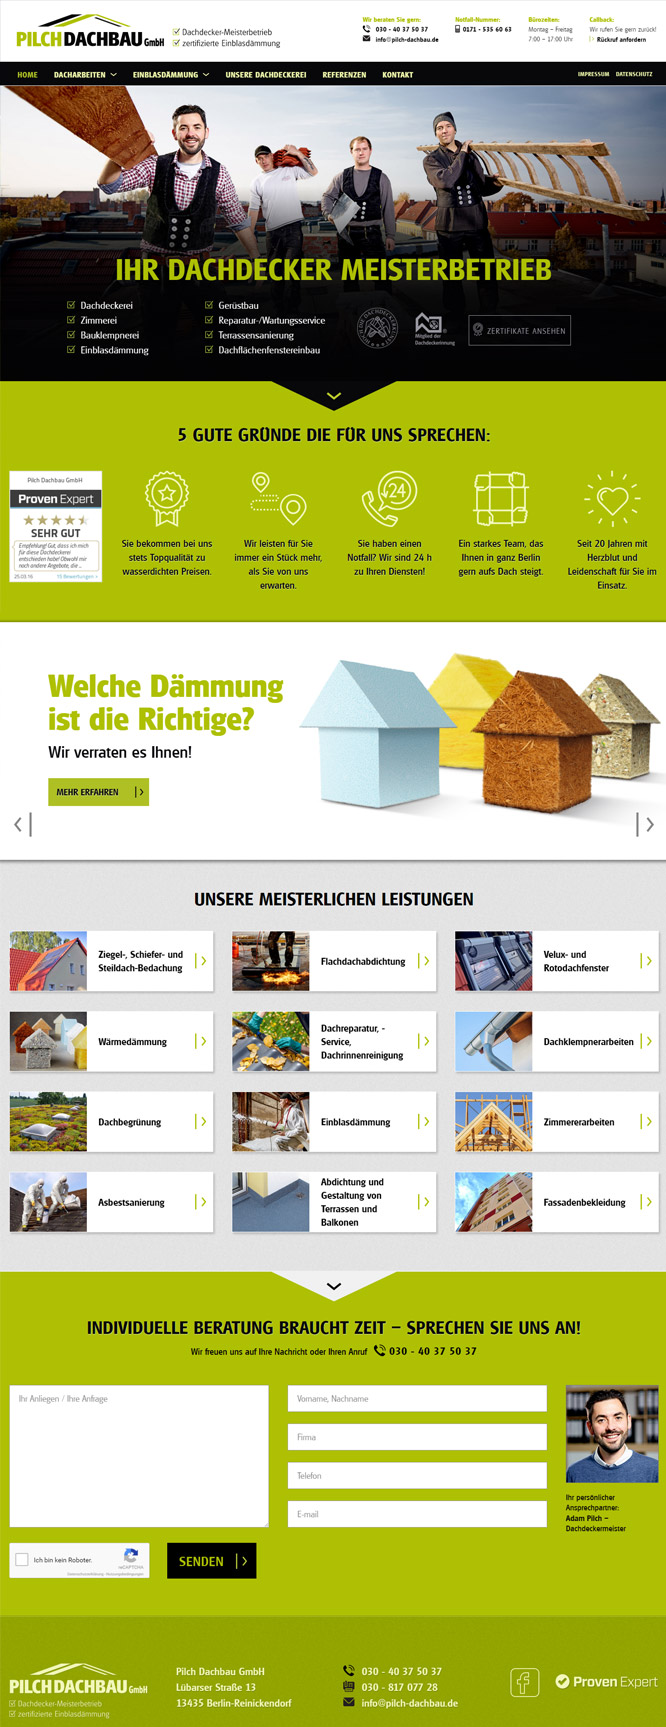 primaline_webseite_berlin_dachdecker